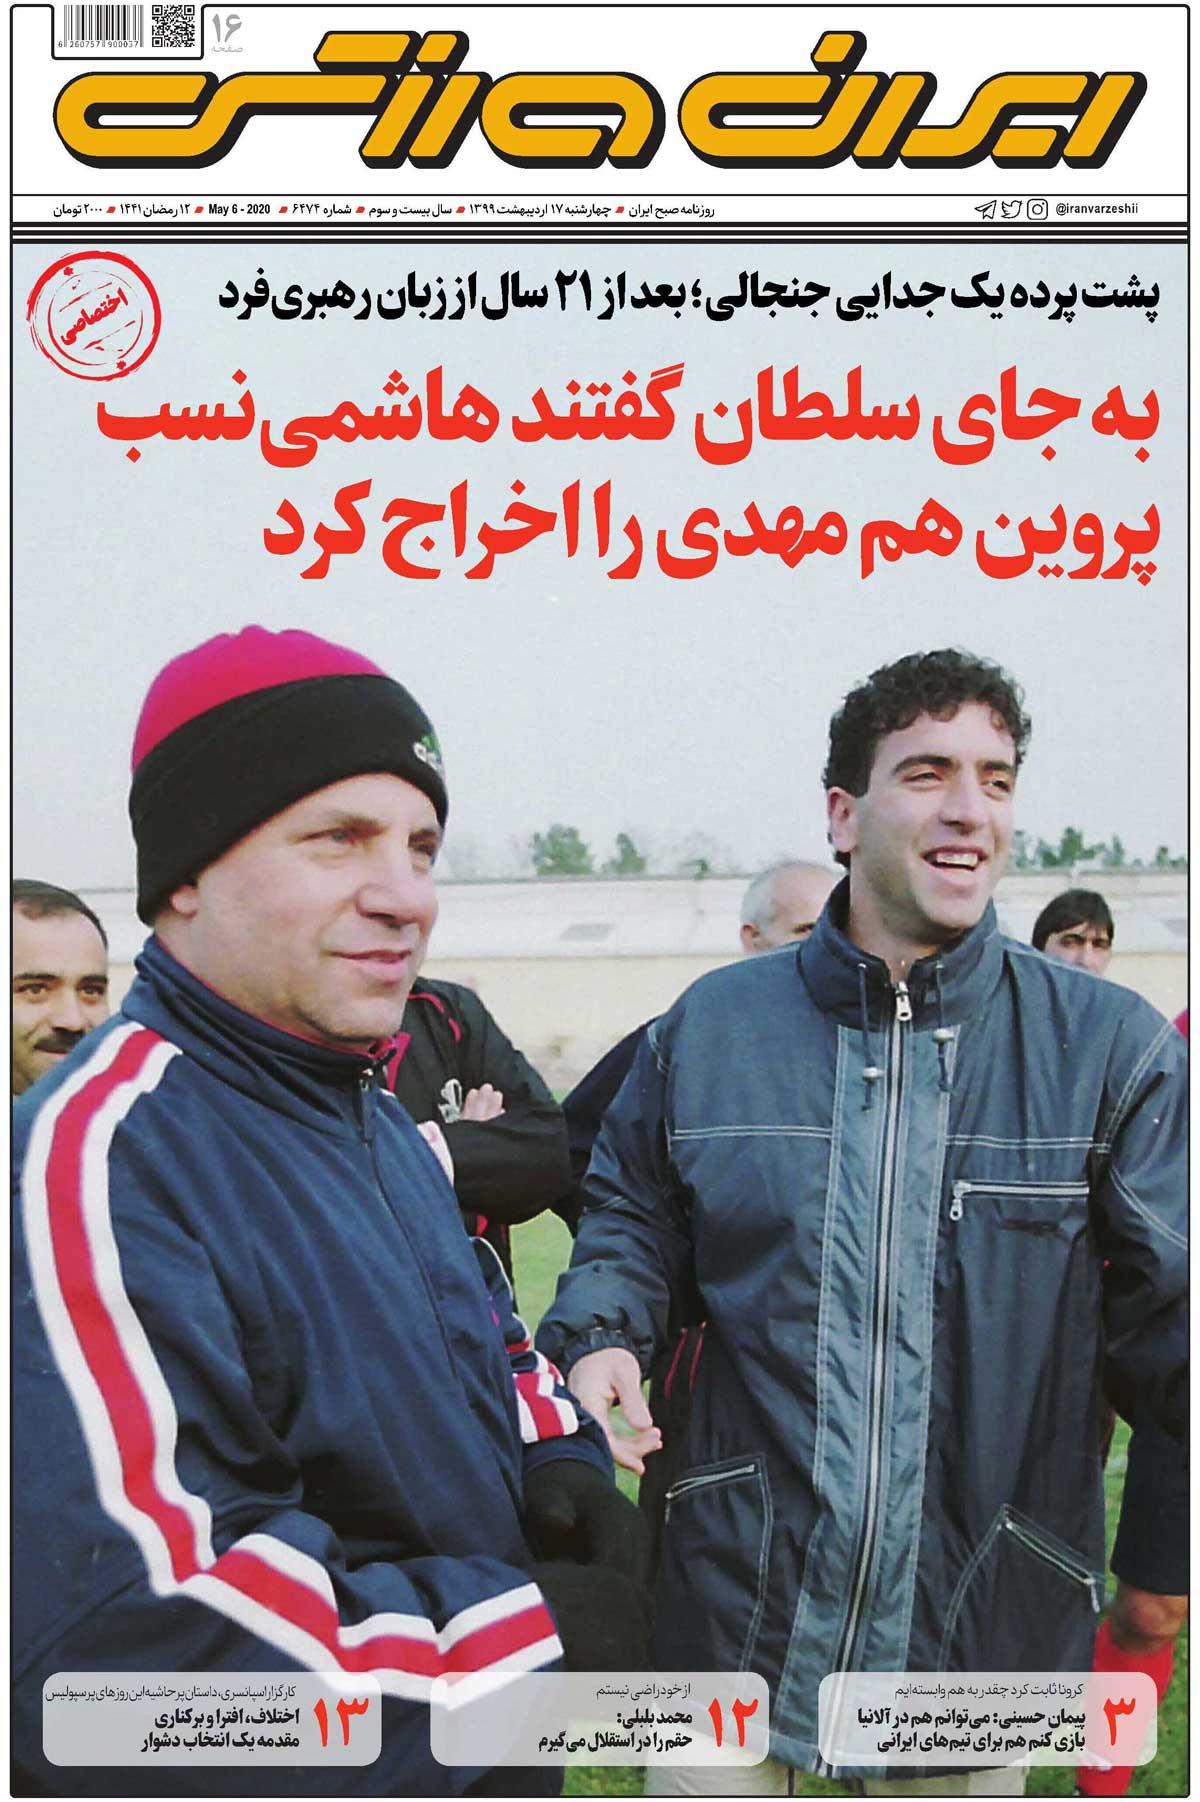 صفحه اول روزنامه ایرانورزشی چهارشنبه ۱۷ اردیبهشت ۹۹